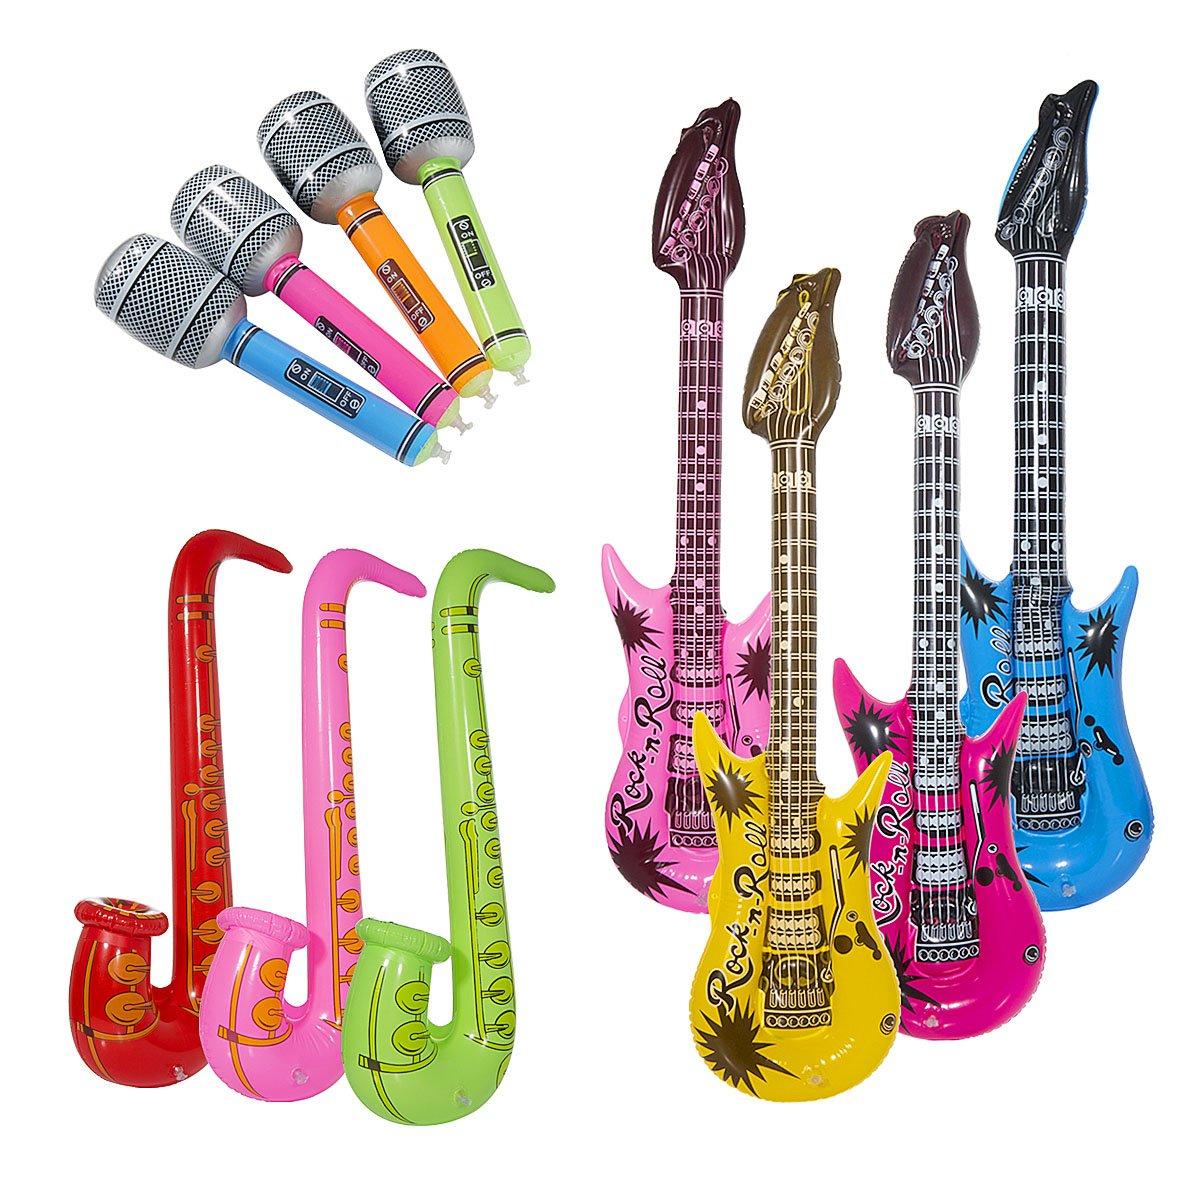 Vordas 12 Stück Aufblasbare Gitarre Musikalische Instrumente Spielzeug, 95cm Aufblasbare Gitarre - 70cm Aufblasbare Saxophon - 35cm Aufblasbare Mikrofone, Eine Schöne Stütze für Cosplay Parteien - (Zufällige Farbe)